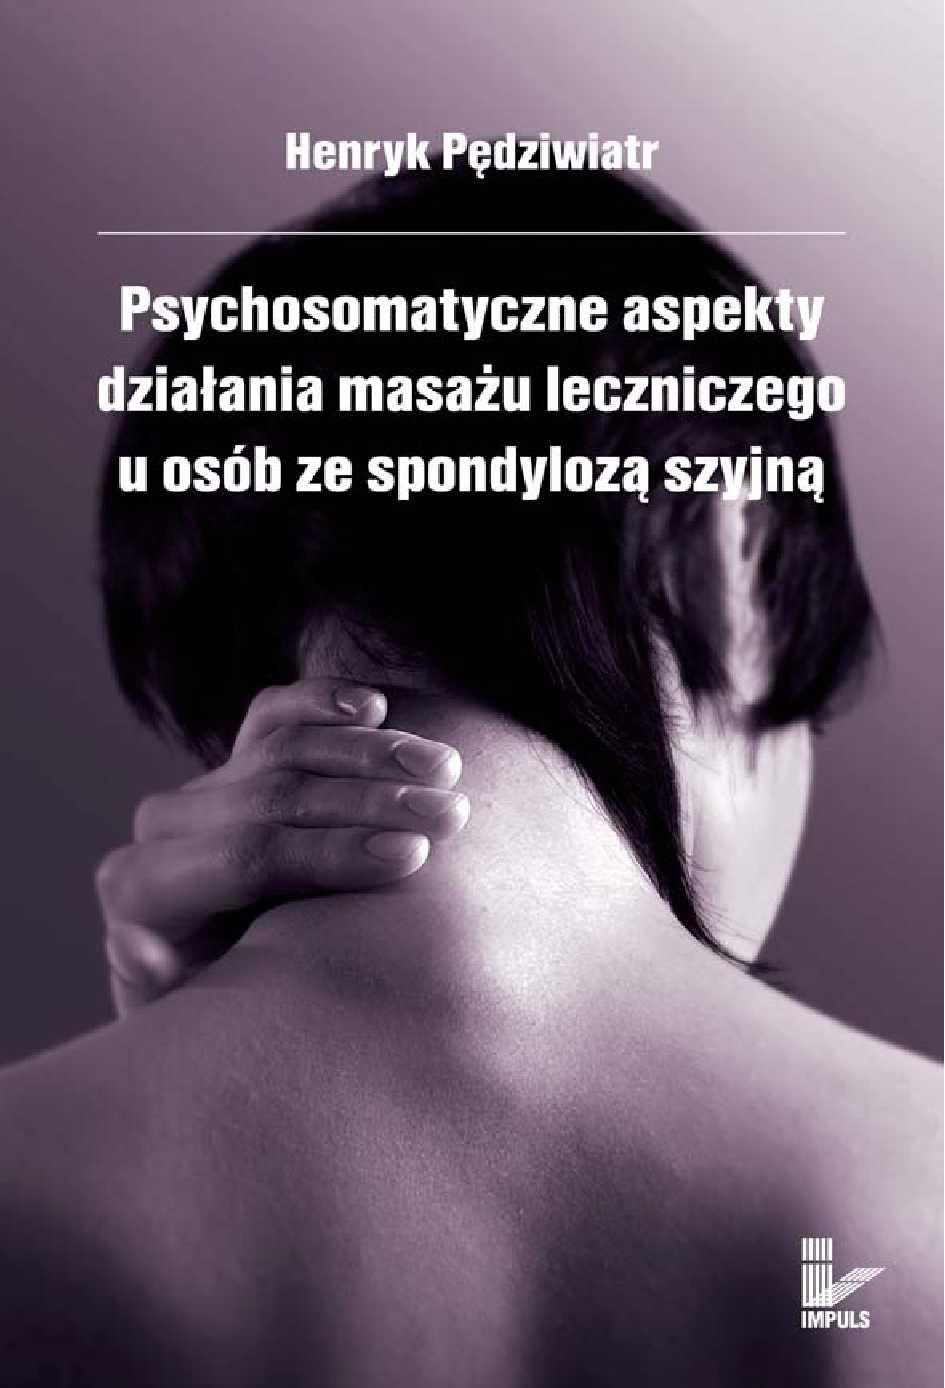 Psychosomatyczne aspekty działania masażu leczniczego u osób ze spondylozą szyjną - Ebook (Książka na Kindle) do pobrania w formacie MOBI